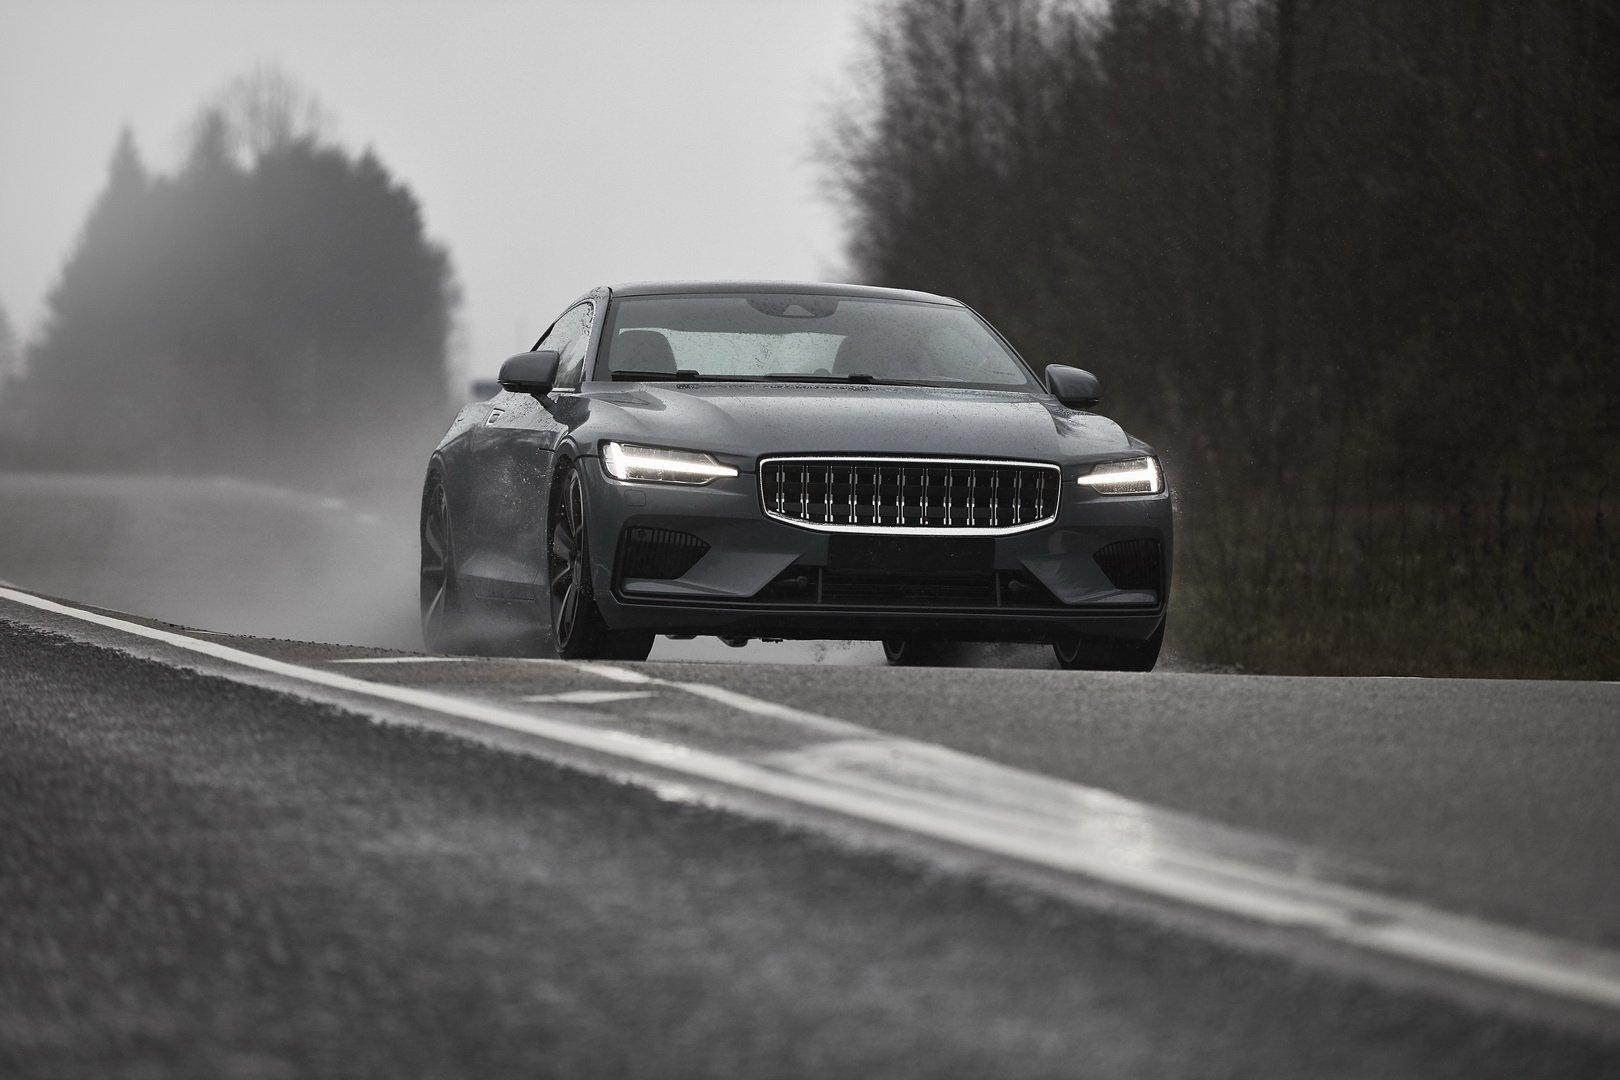 Компания Polestar опубликовала видео с тестами предсерийного прототипа гибридного купе с индексом 1